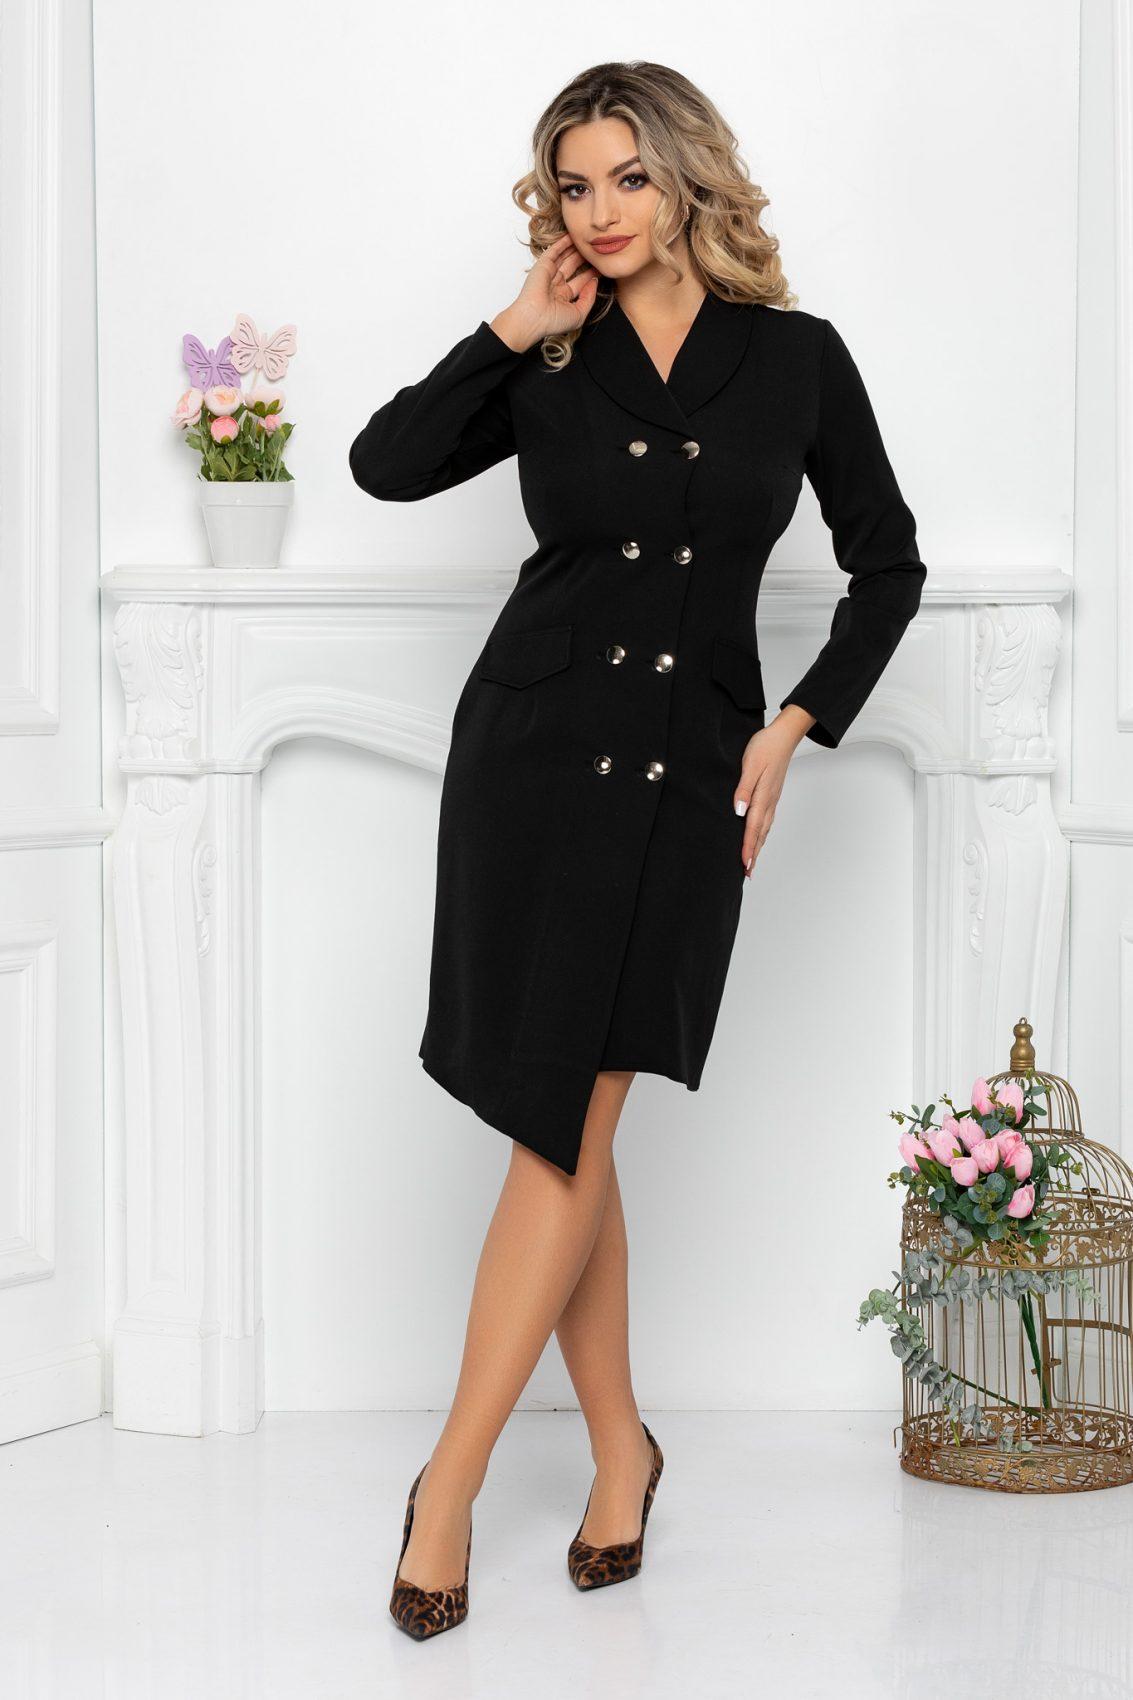 Μαύρο Φόρεμα Με Κουμπιά Yndira 9444 1